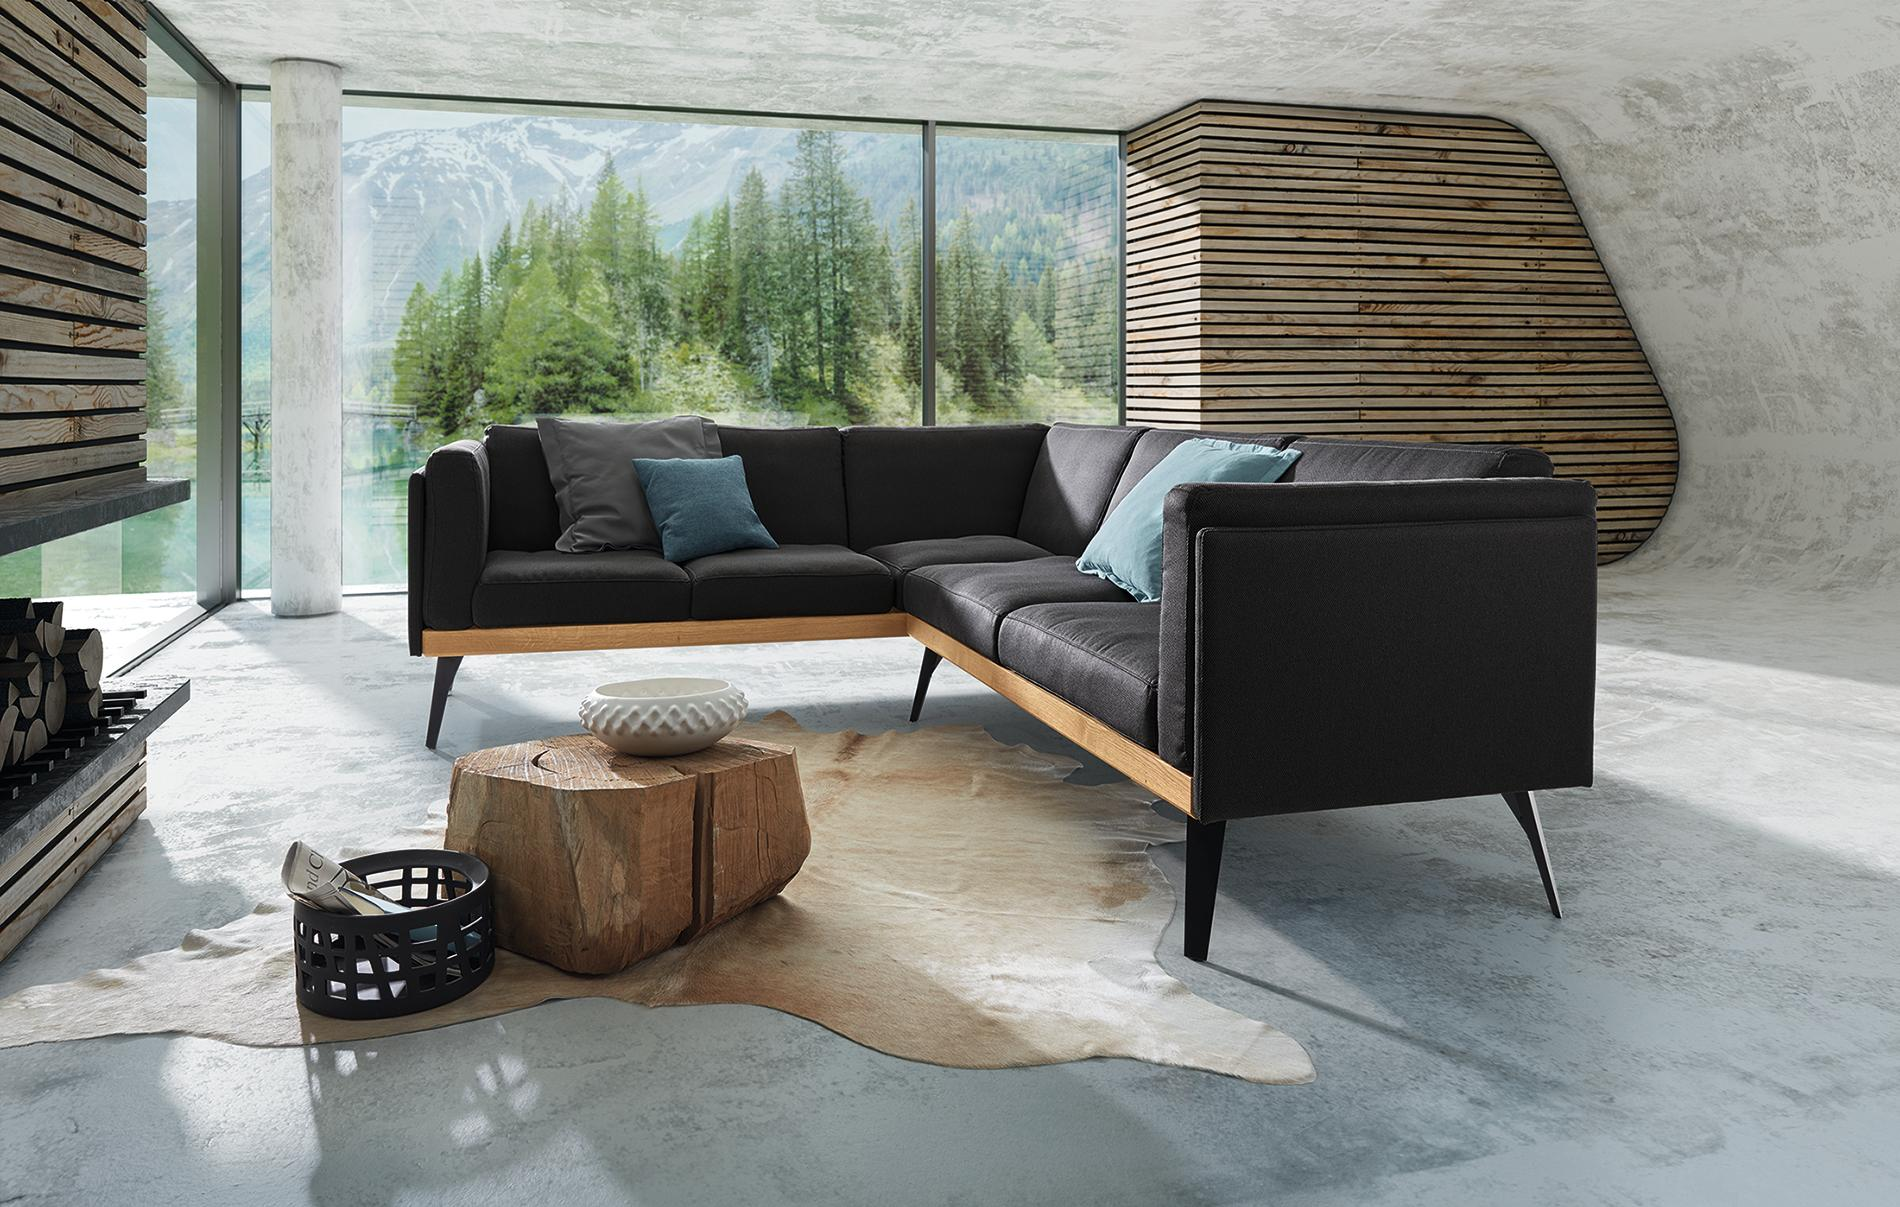 Sitzlandschaft Stockholm Mit Massivholzsockel Von ADA Couchtisch Holzsofa Wohnzimmergestaltung Hlzernewandgestaltung